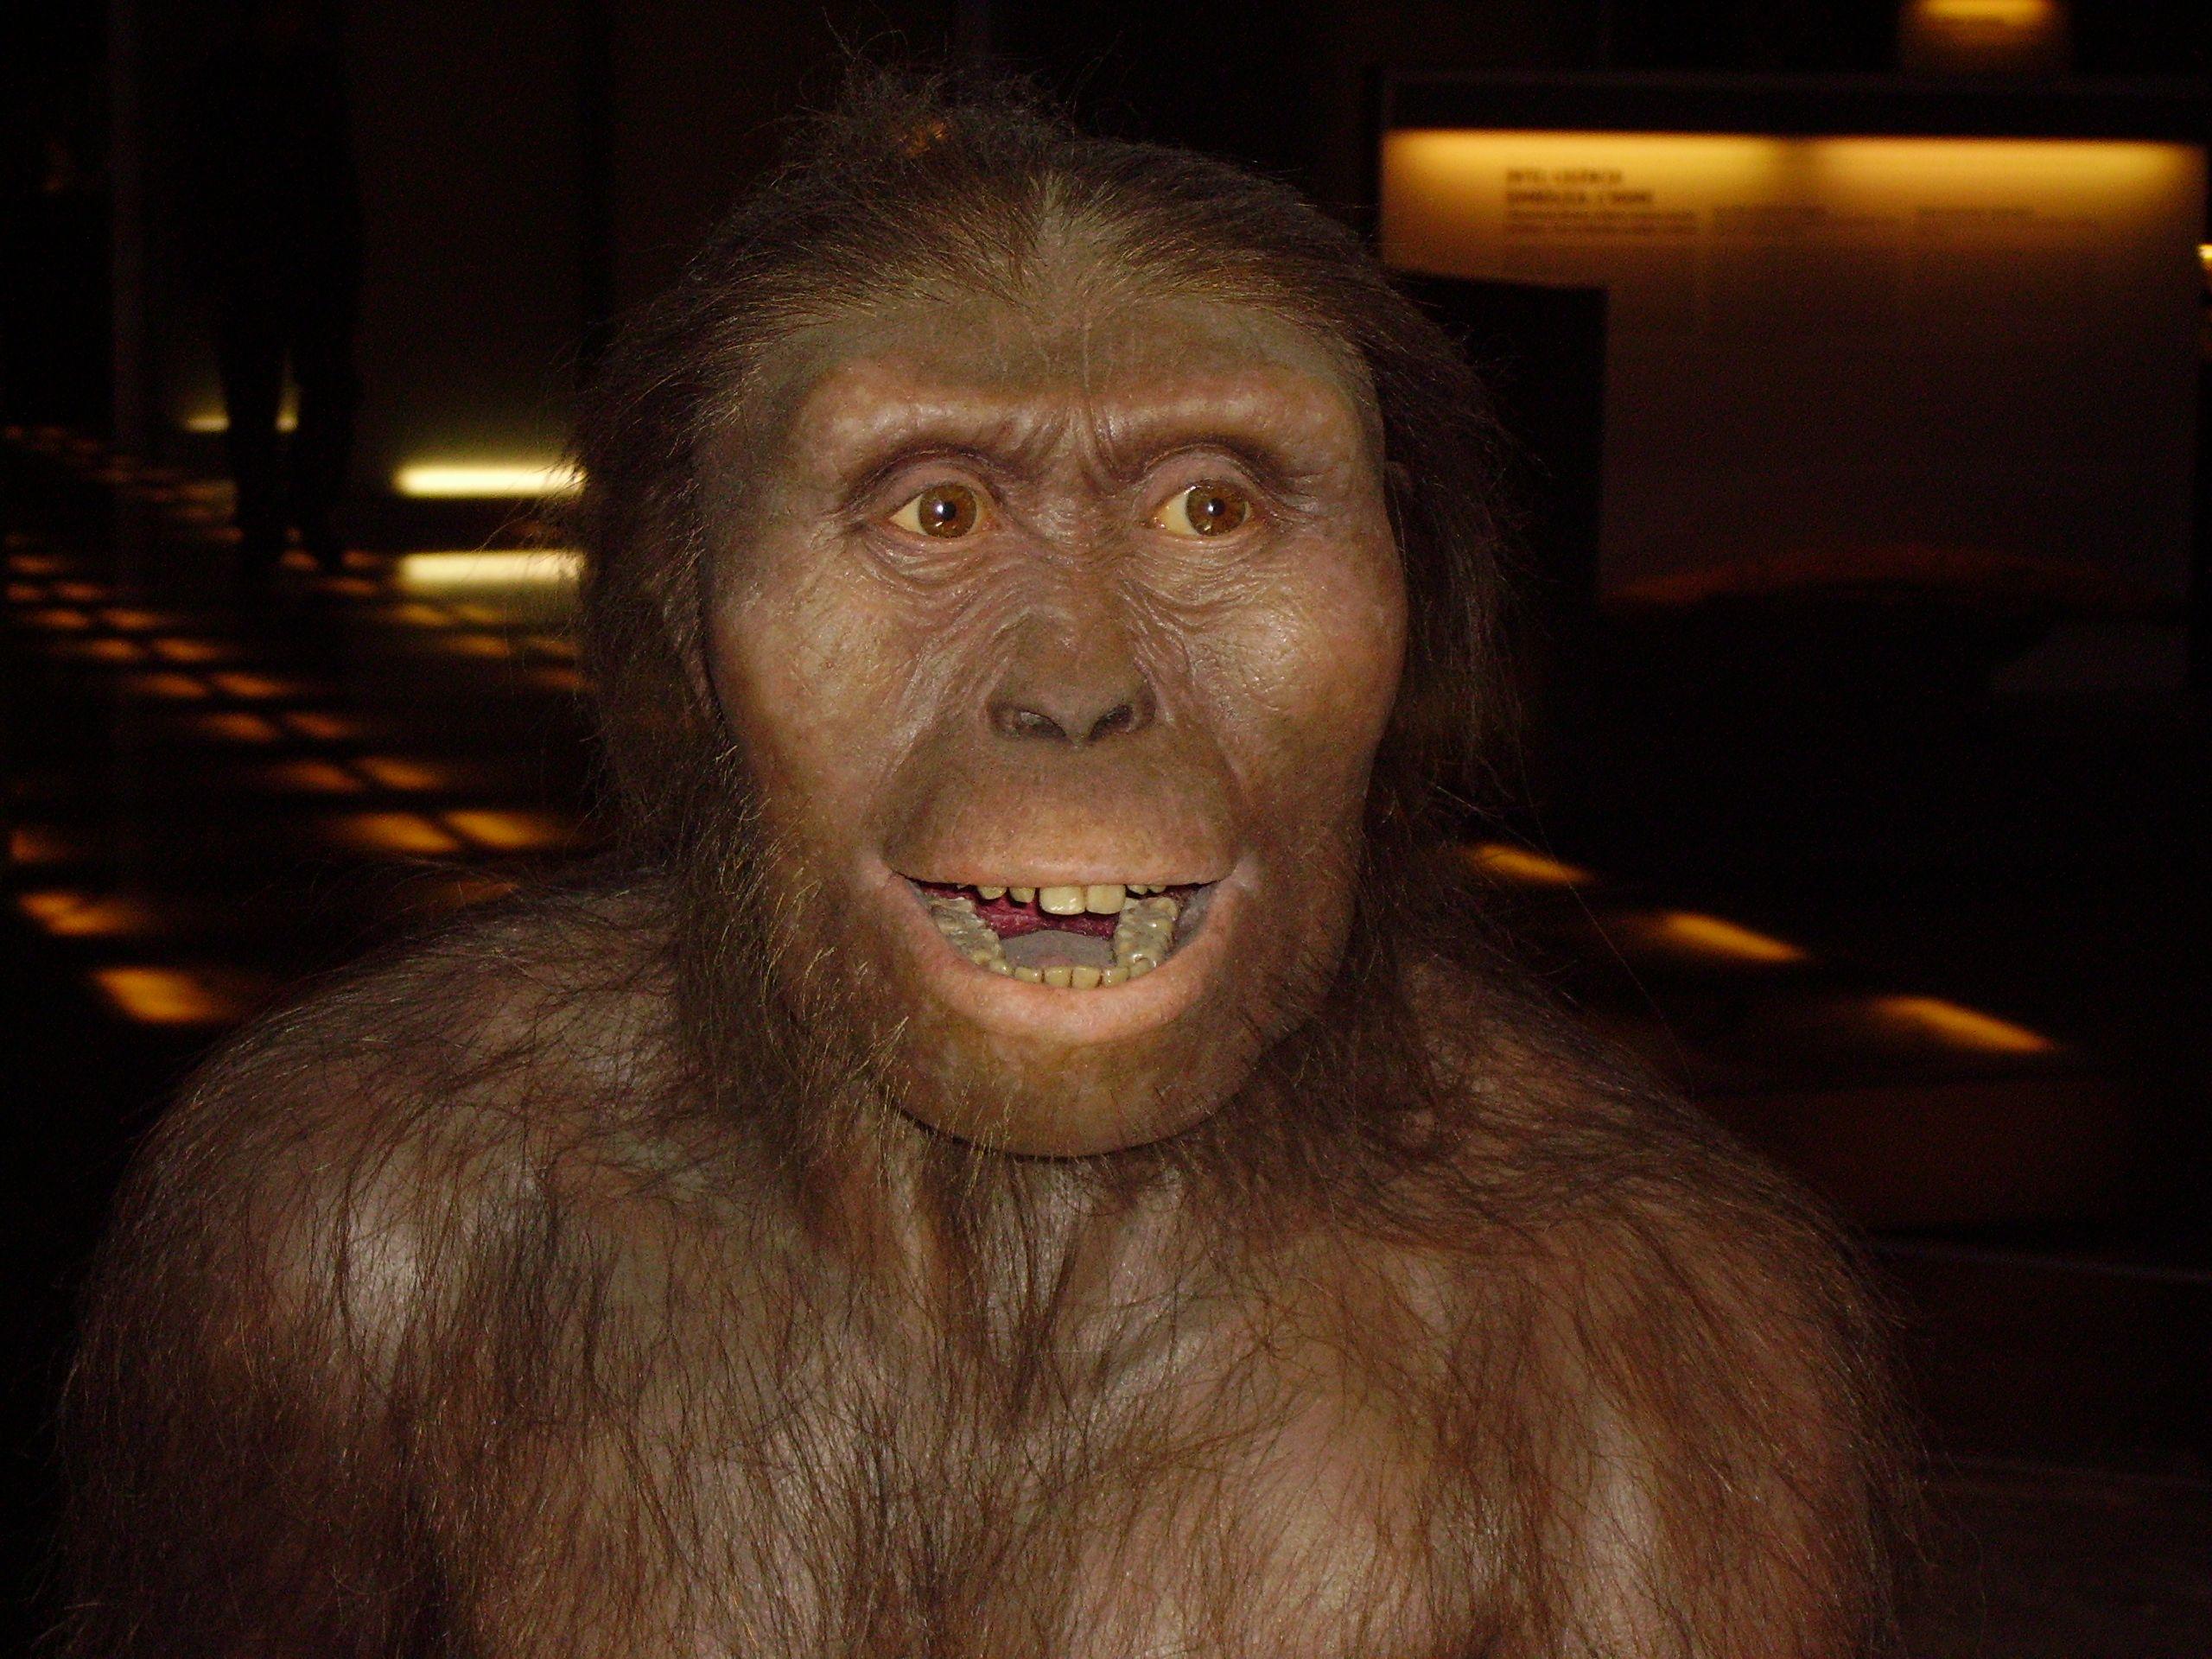 australopithecus_afarensis.JPG